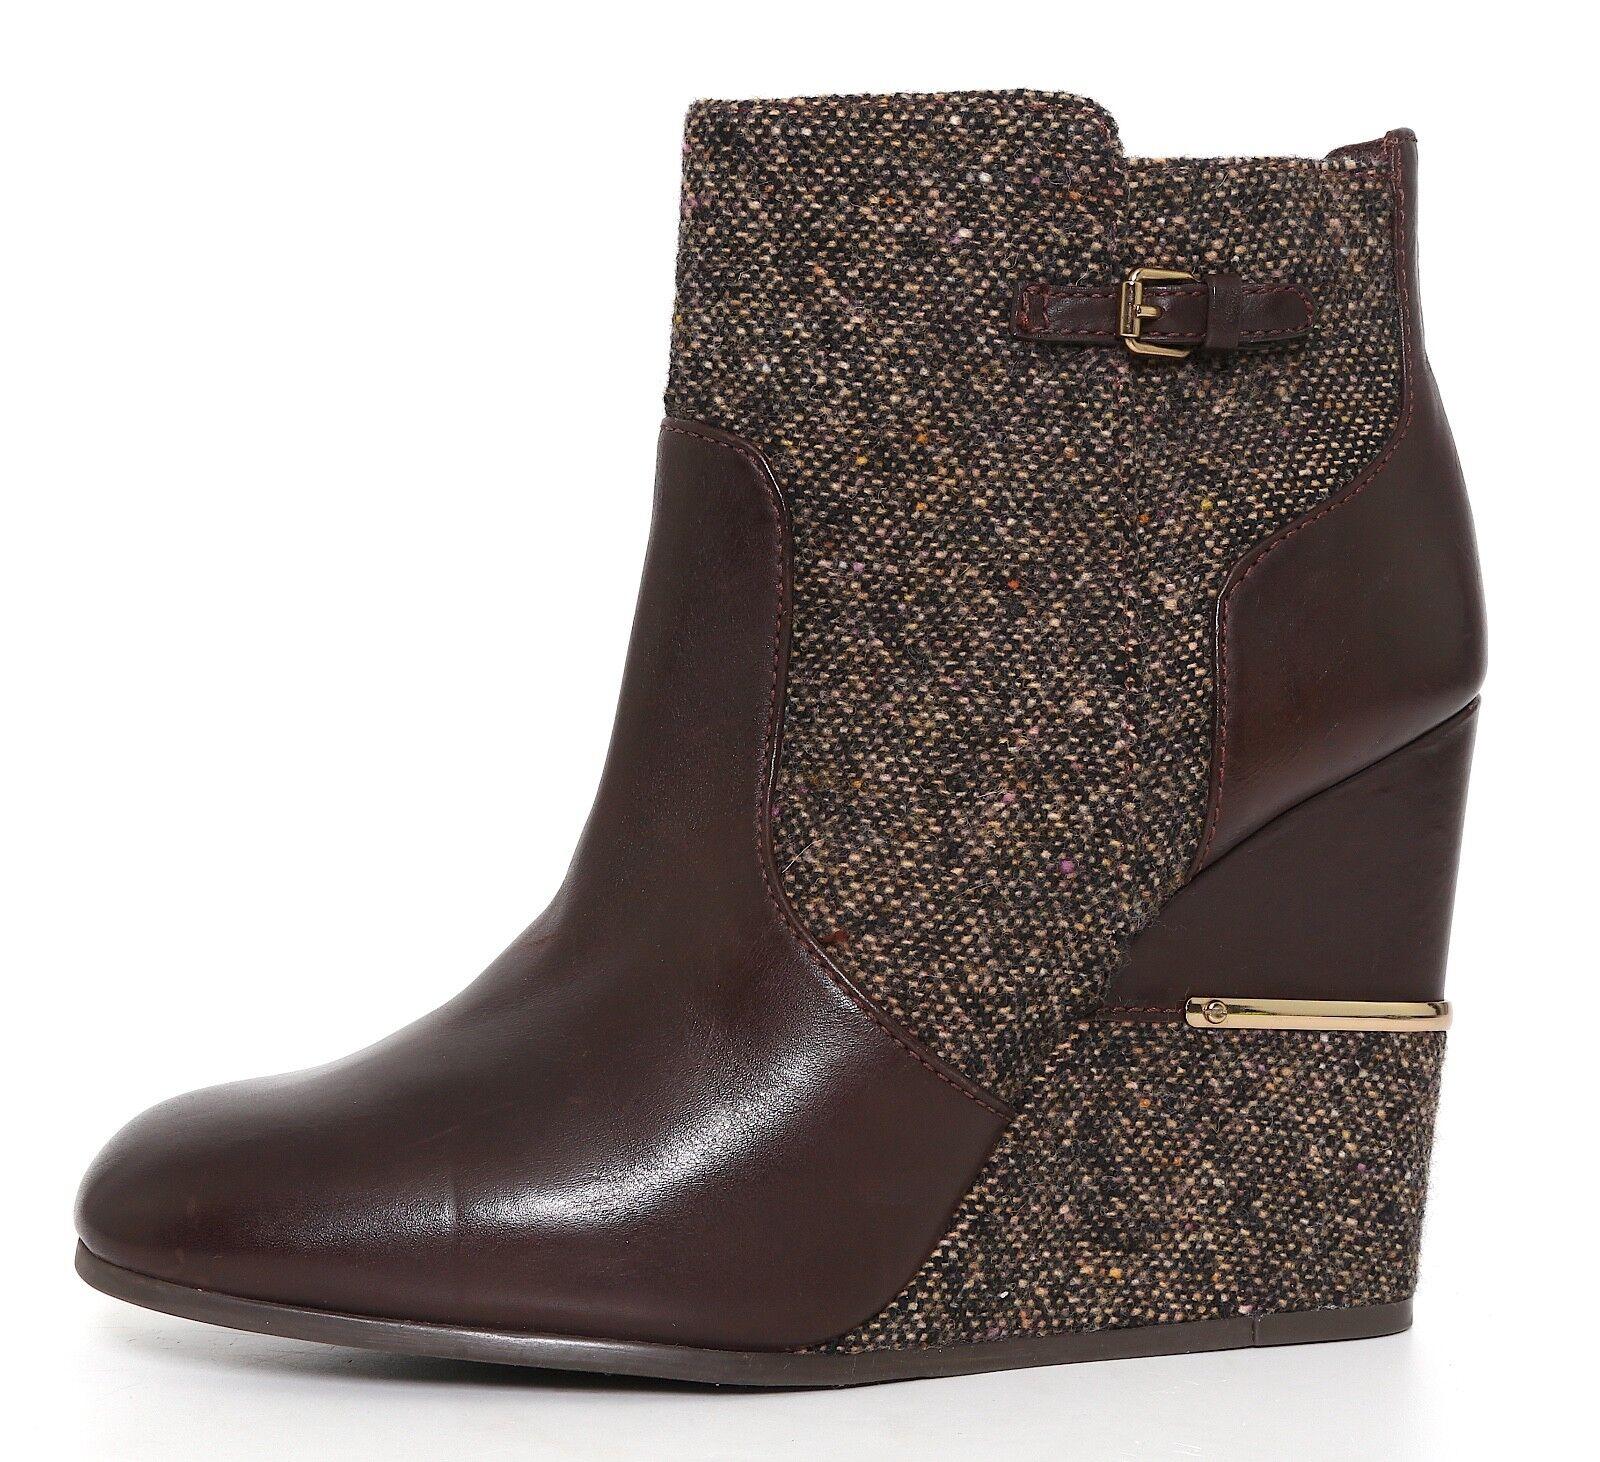 sport dello shopping online Tory Burch Cherie Wedge Leather avvioie Marrone donna donna donna Sz 10.5 M 1132  prezzo all'ingrosso